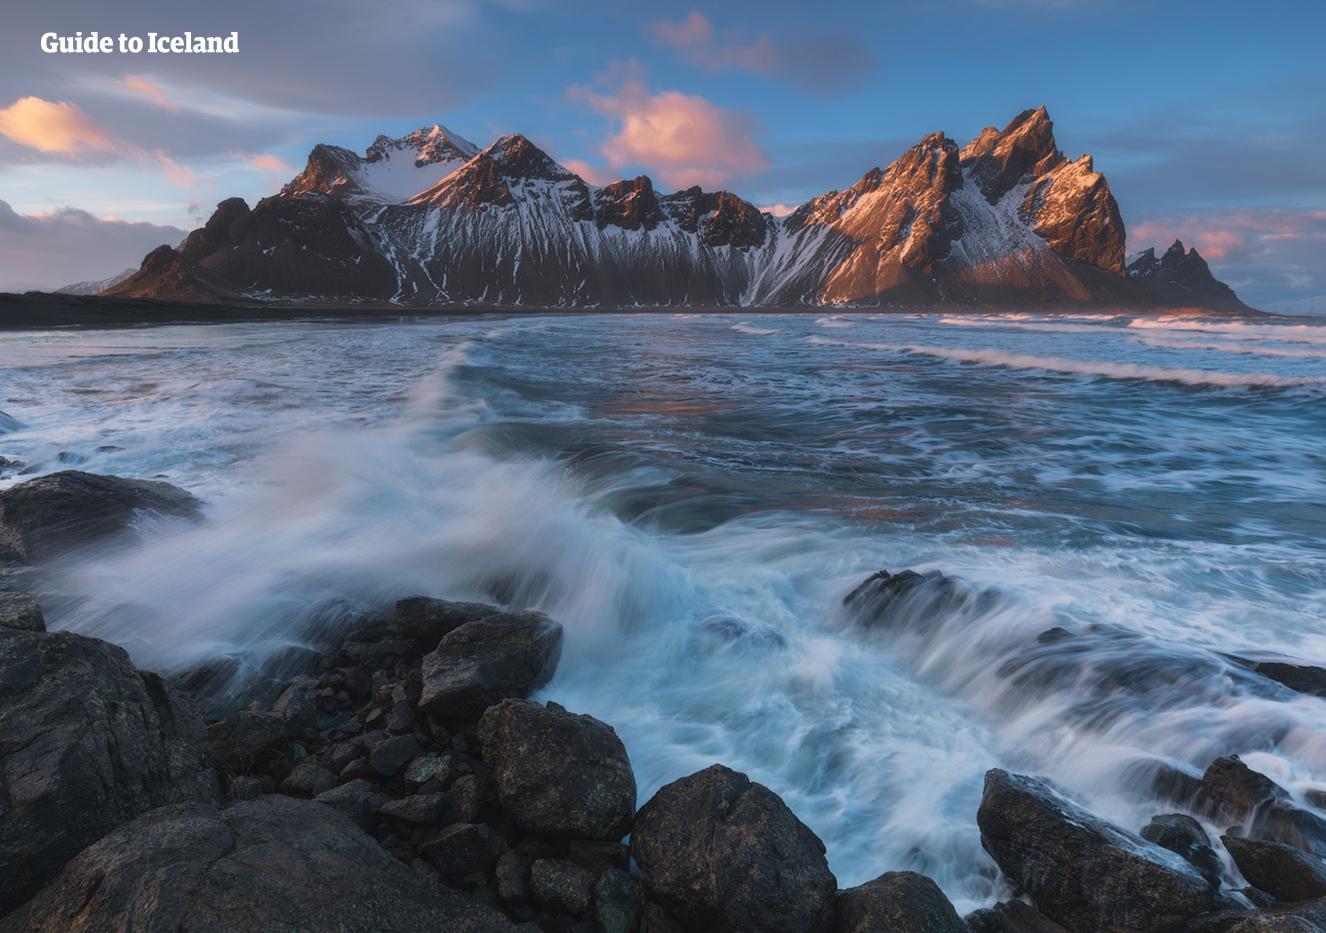 Vestrahorn-bjerget på Stokksnes-halvøen er ujævnt, barskt og særdeles fotogent, især når det er klædt i sne om vinteren.